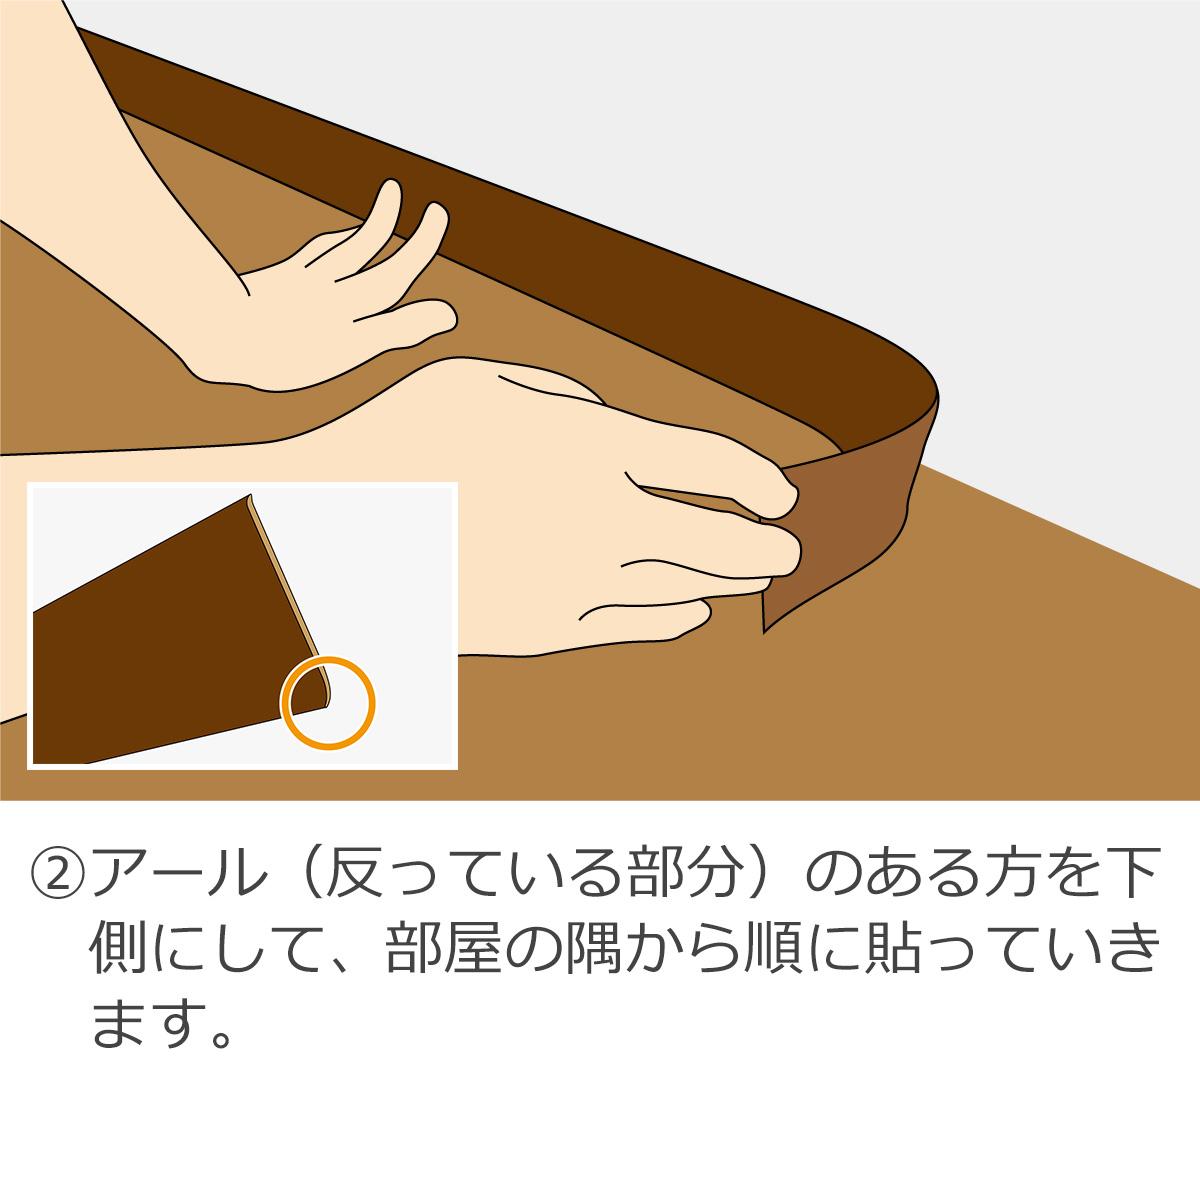 2・アール(反っている部分)のある方を下側にして、部屋の隅から順に貼っていきます。